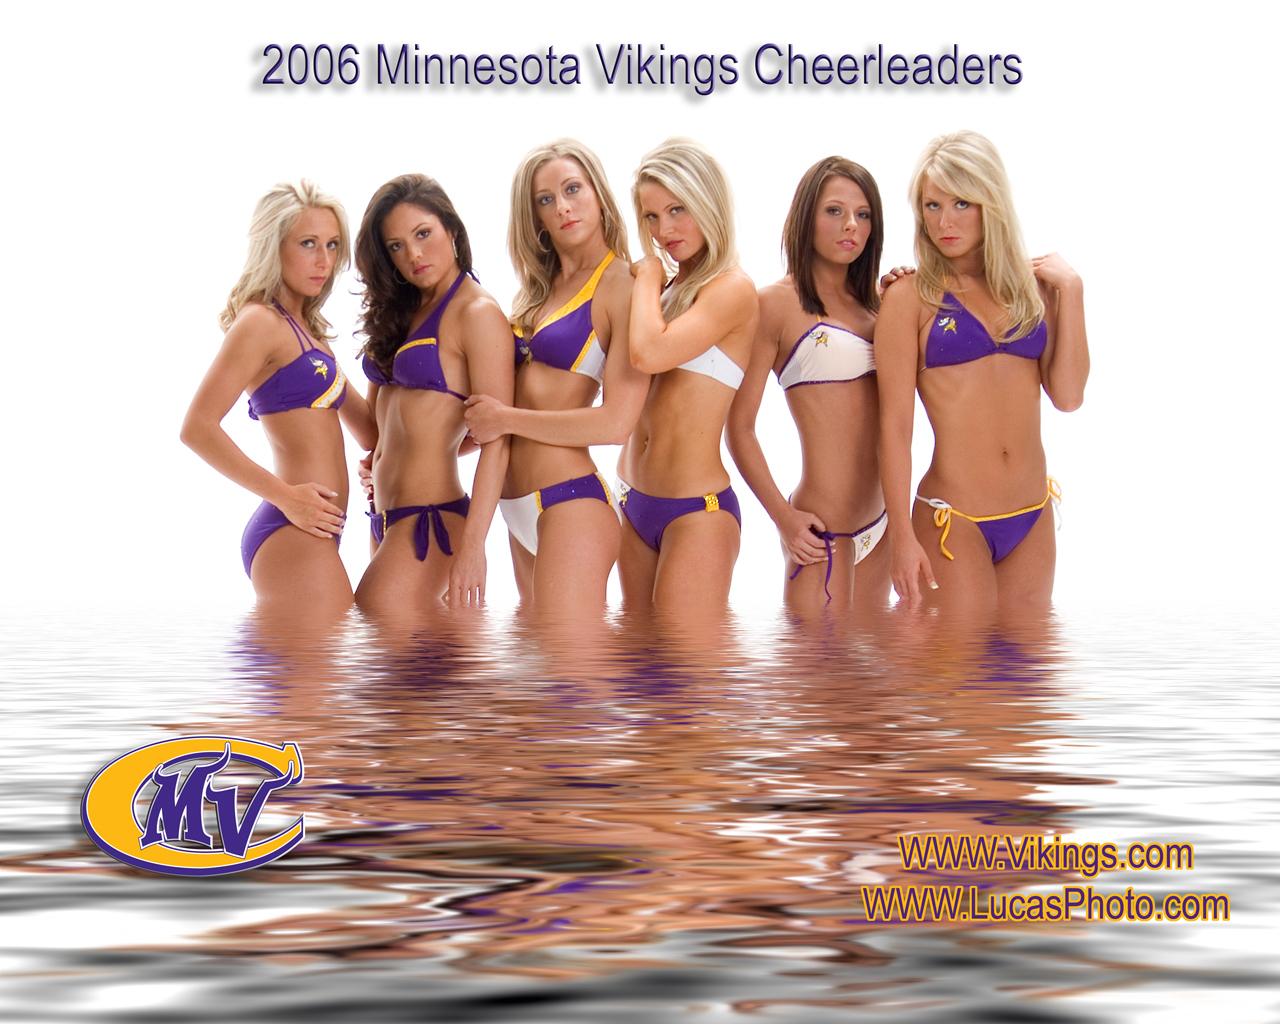 http://1.bp.blogspot.com/-dyPe_3Y7qbk/Tt1Bl2J2y-I/AAAAAAAAIQw/5rfZfiXWdwc/s1600/Minnesota-Vikings-Cheerleaders-2-FG9L5PFFO8-1280x1024.jpg